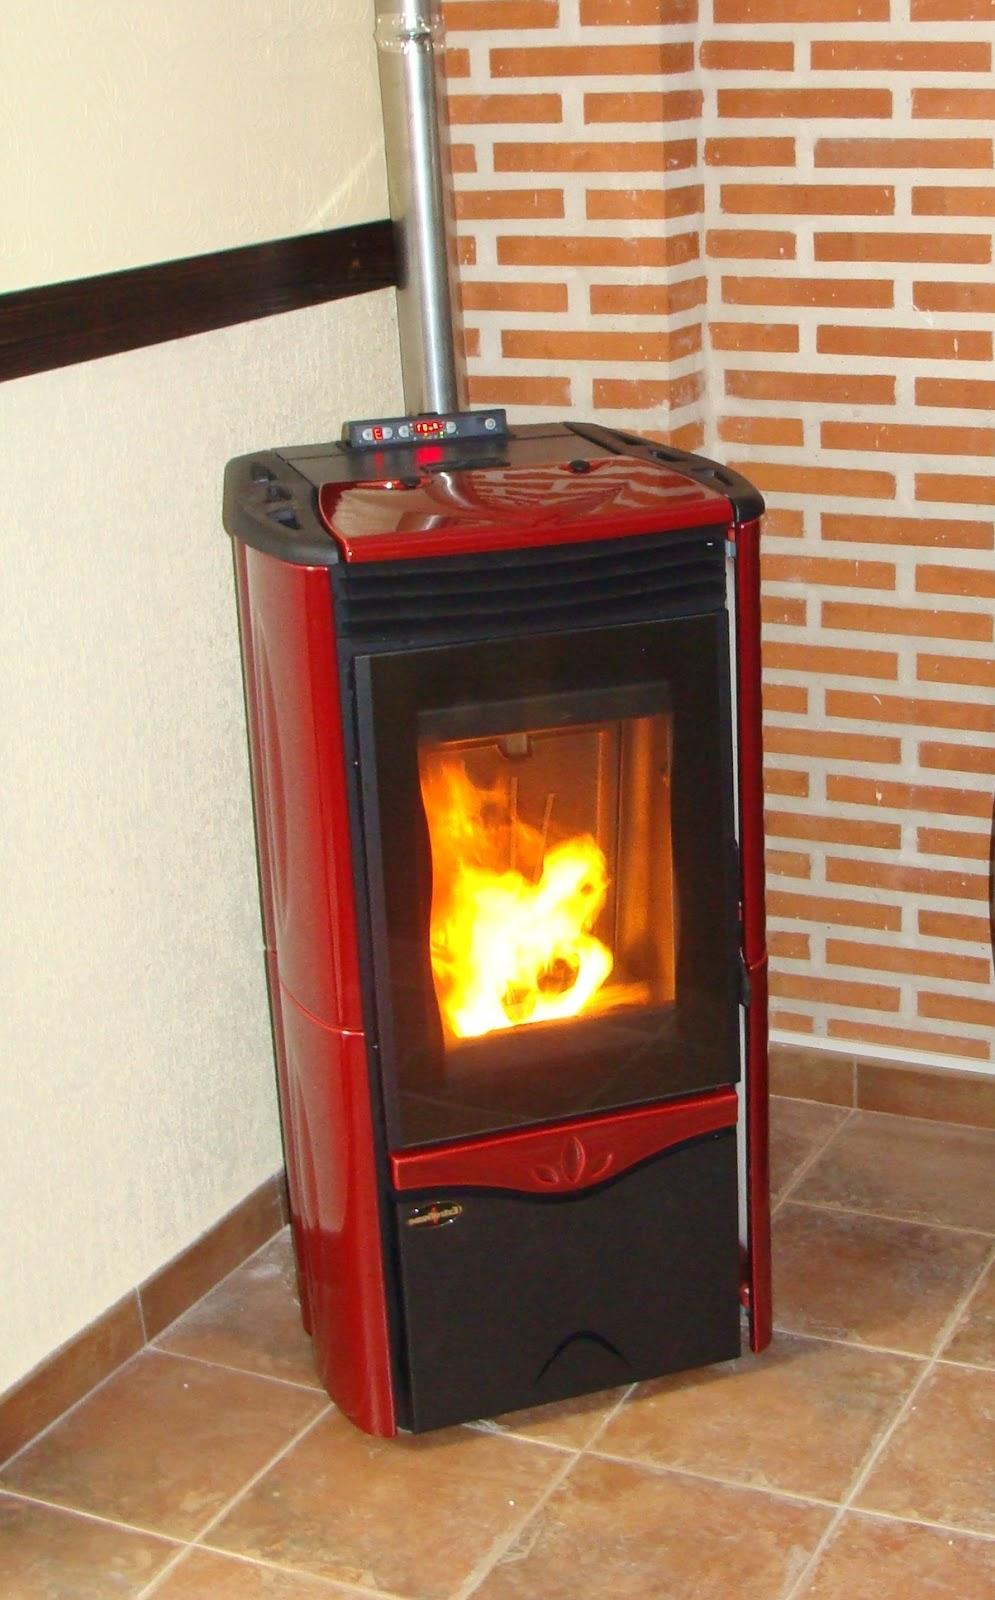 Instaladores de estufas de biomasa galer a de im genes - Estufas de biomasa ...